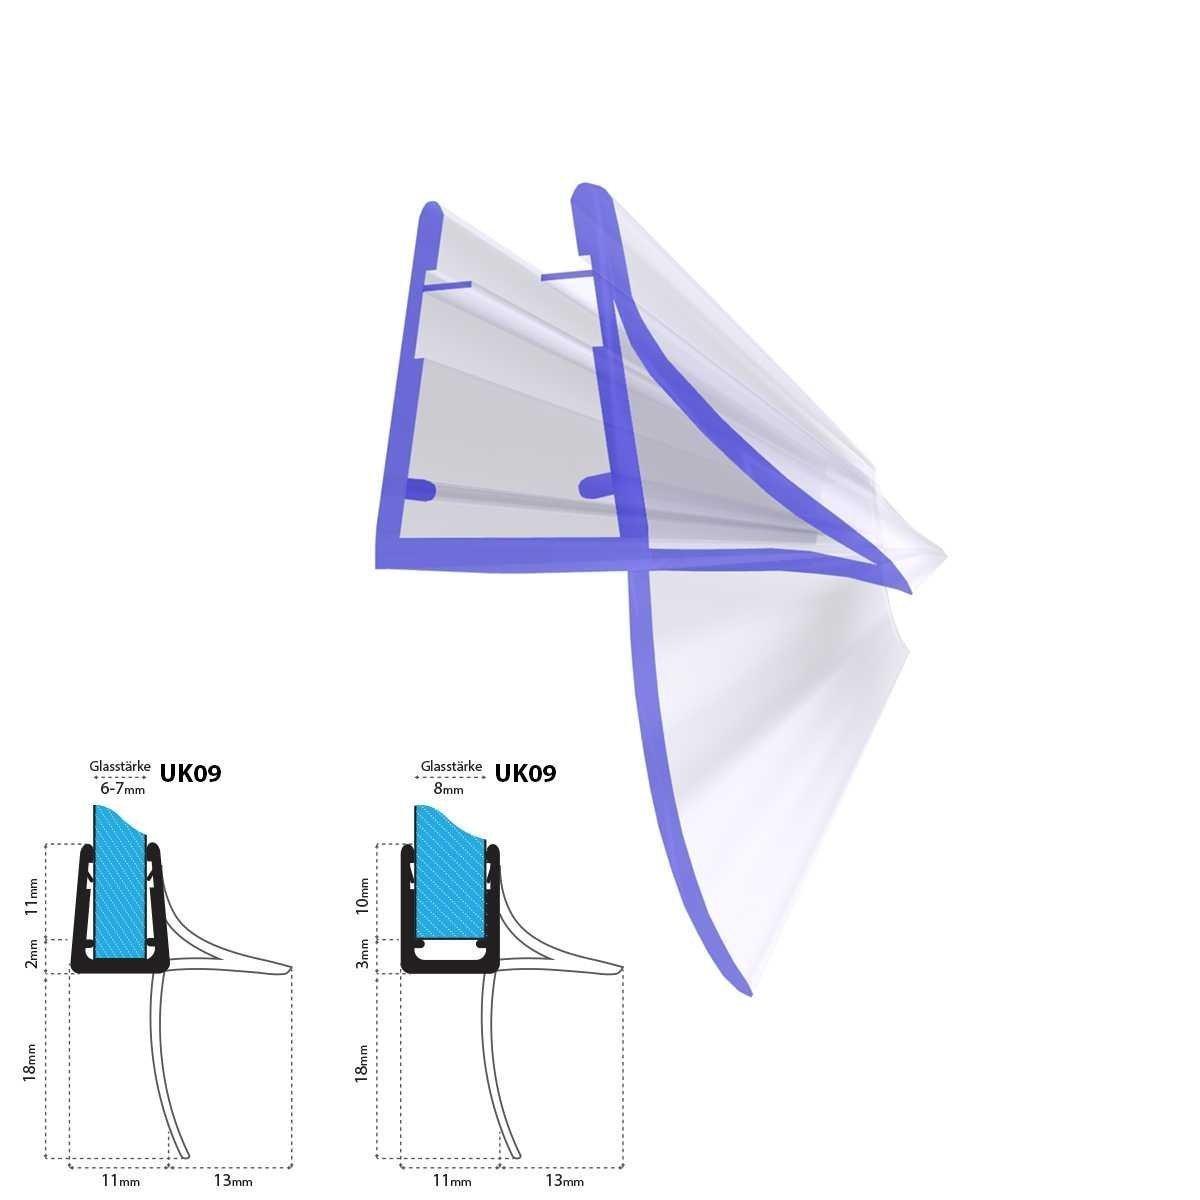 40cm UK09 - Junta de recambio para ducha deflector de 5mm/ 6mm/ 7mm/ 8mm vidrio grueso agua sello ducha de protecció n de sobretensió n recta STEIGNER